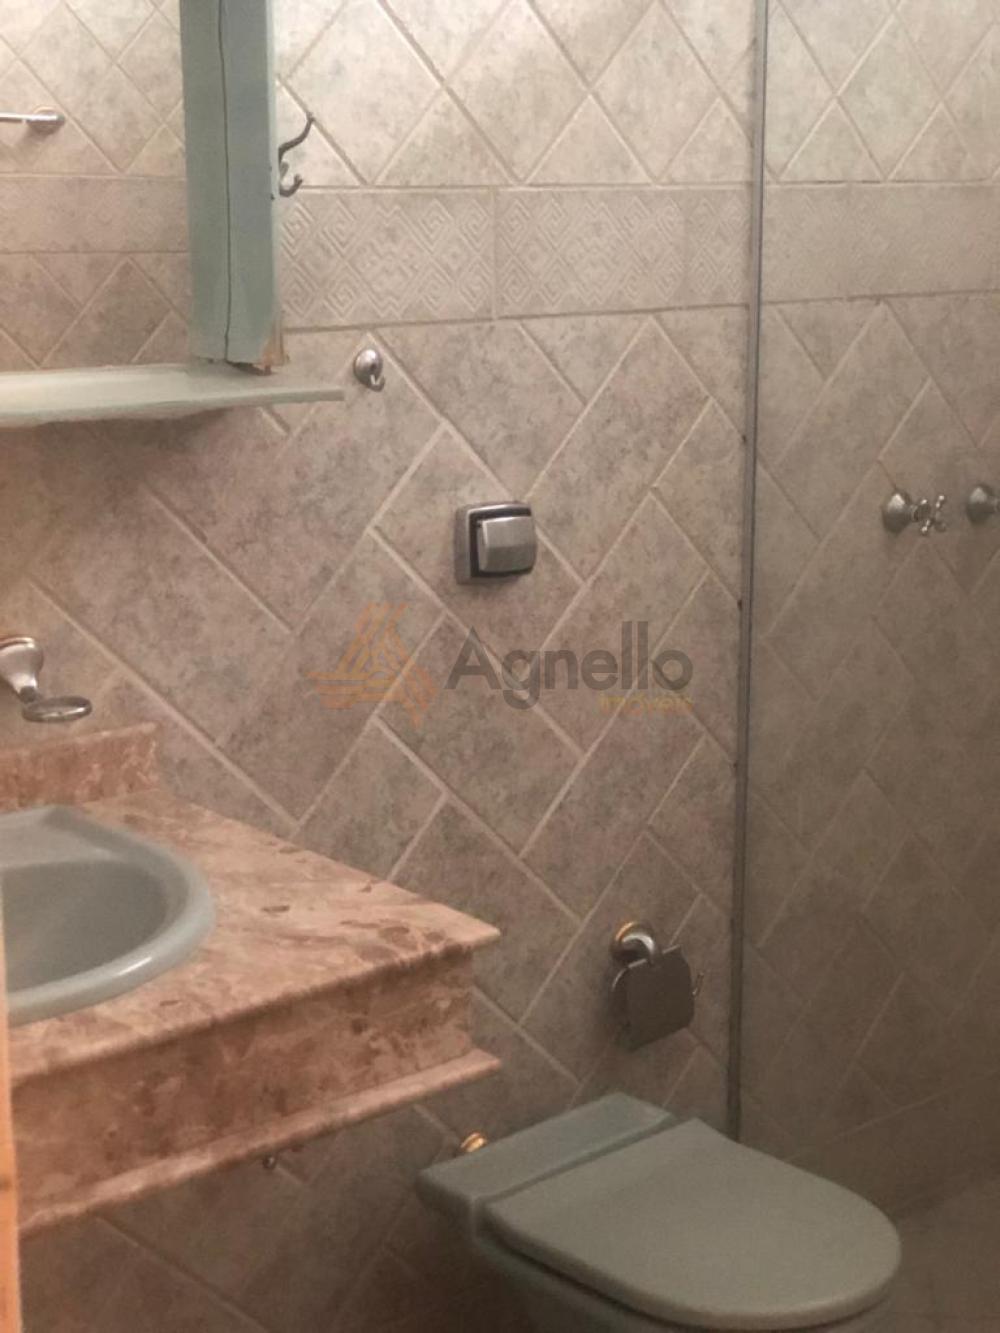 Comprar Casa / Bairro em Franca R$ 330.000,00 - Foto 8